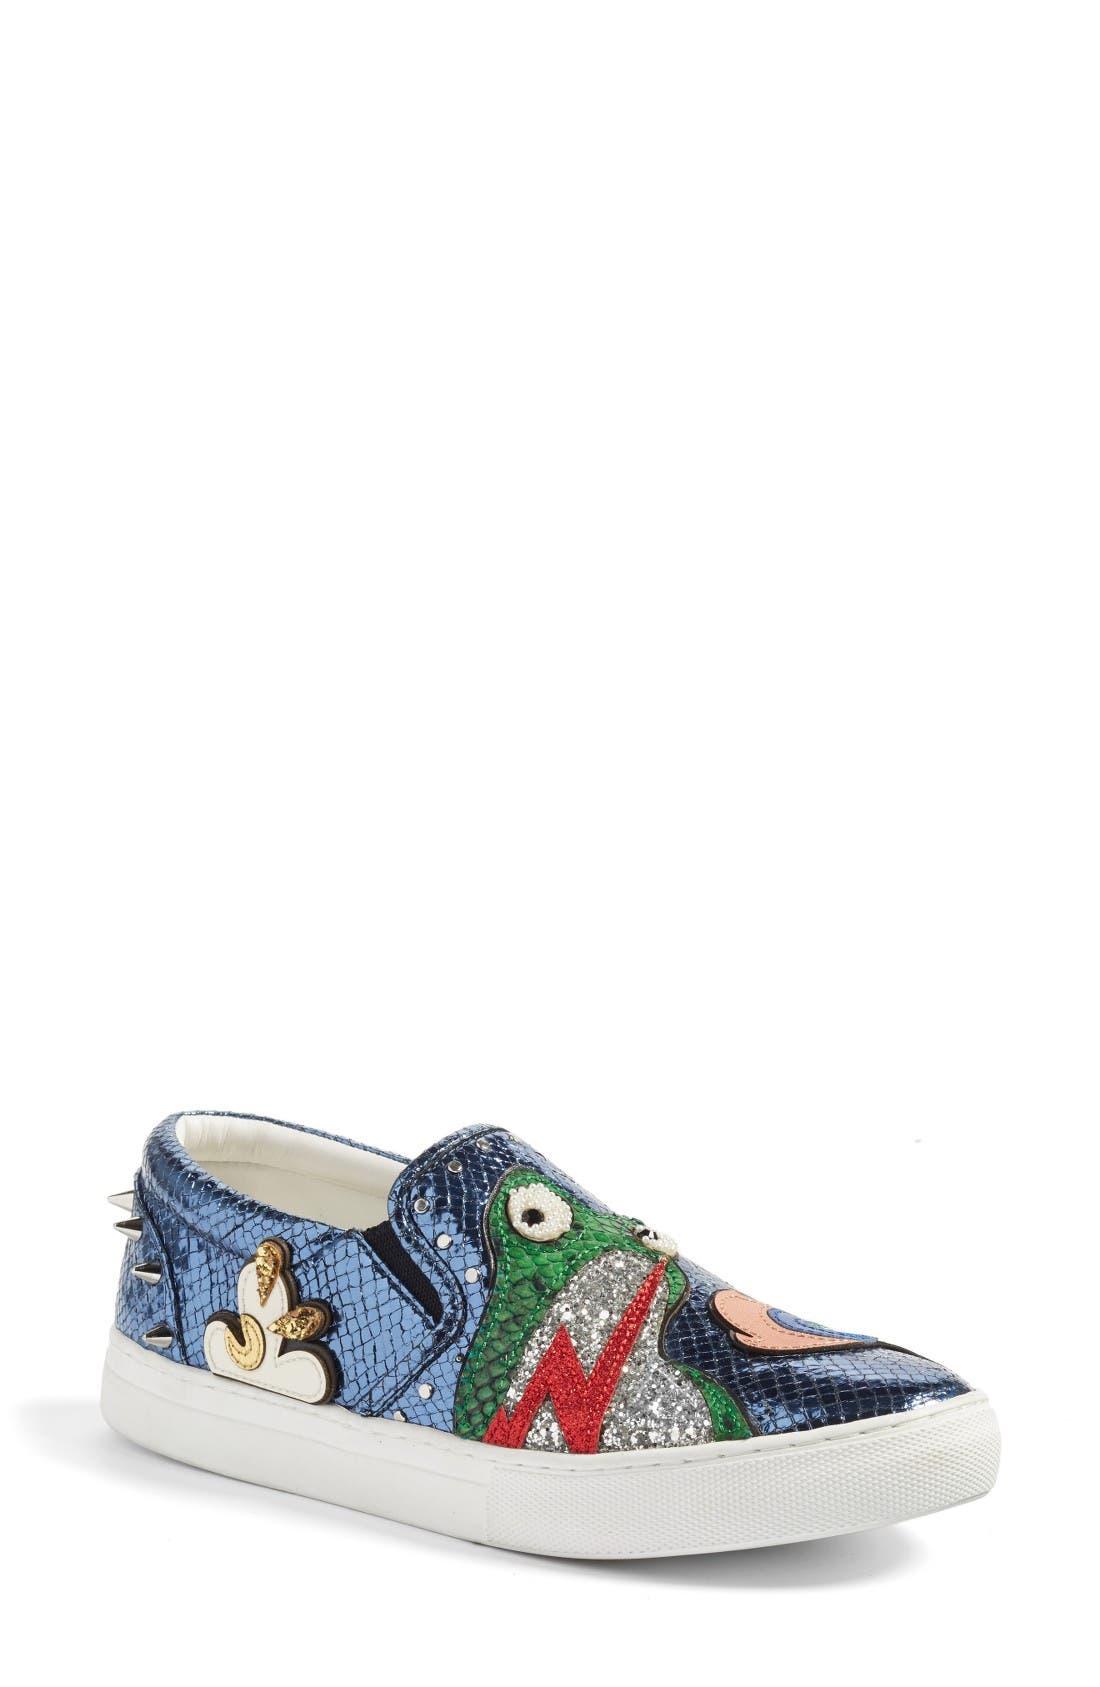 Womens Mercer Slip-On Sneaker